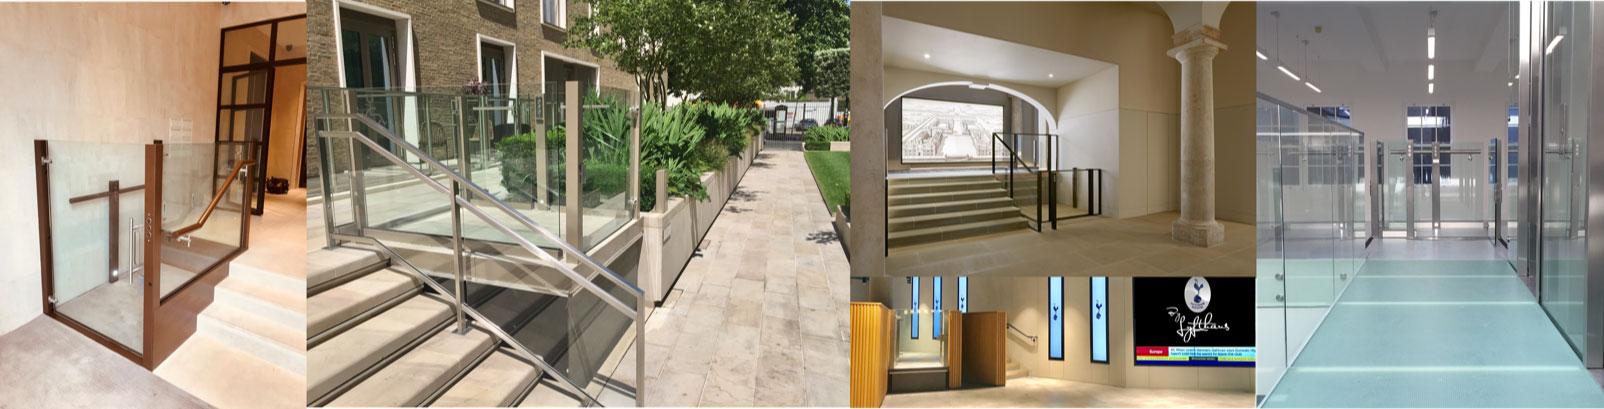 Bespoke modern wheelchair / disable access lifts